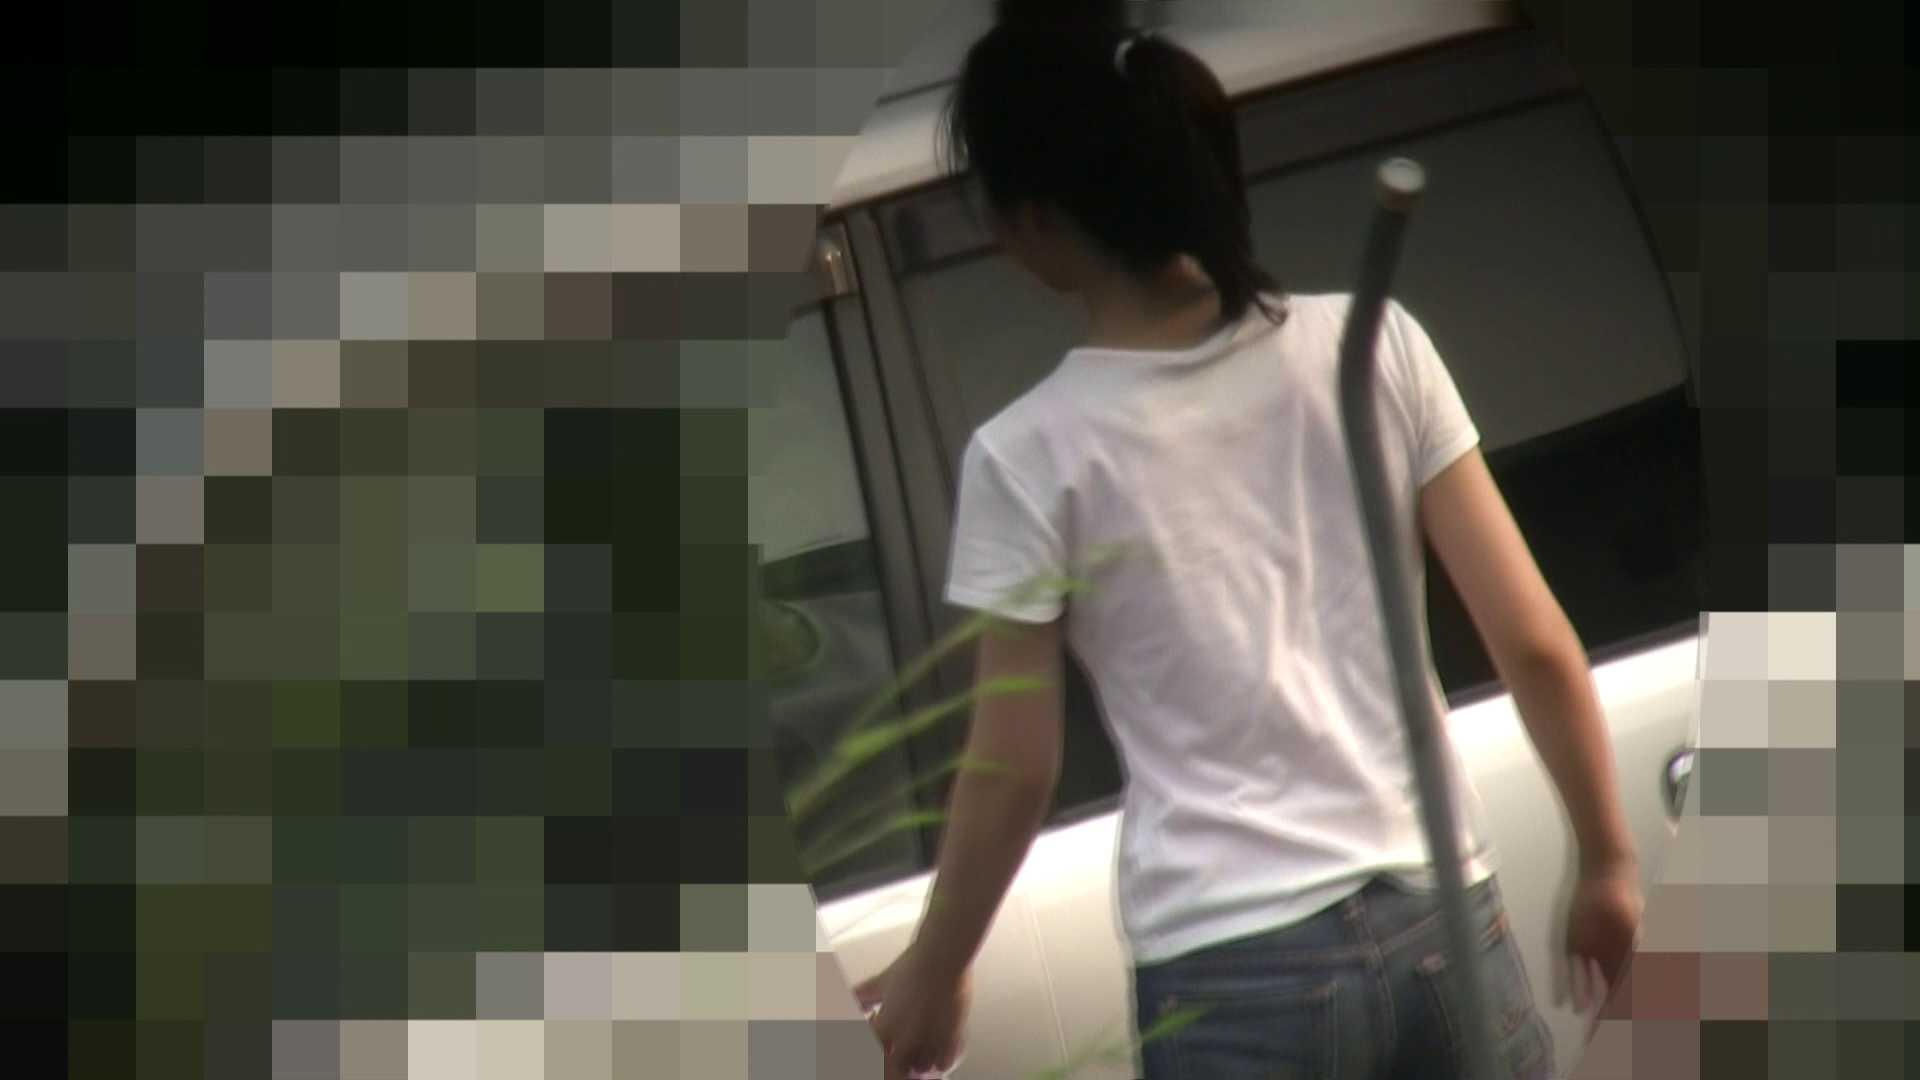 高画質露天女風呂観察 vol.027 女風呂  75PIX 60